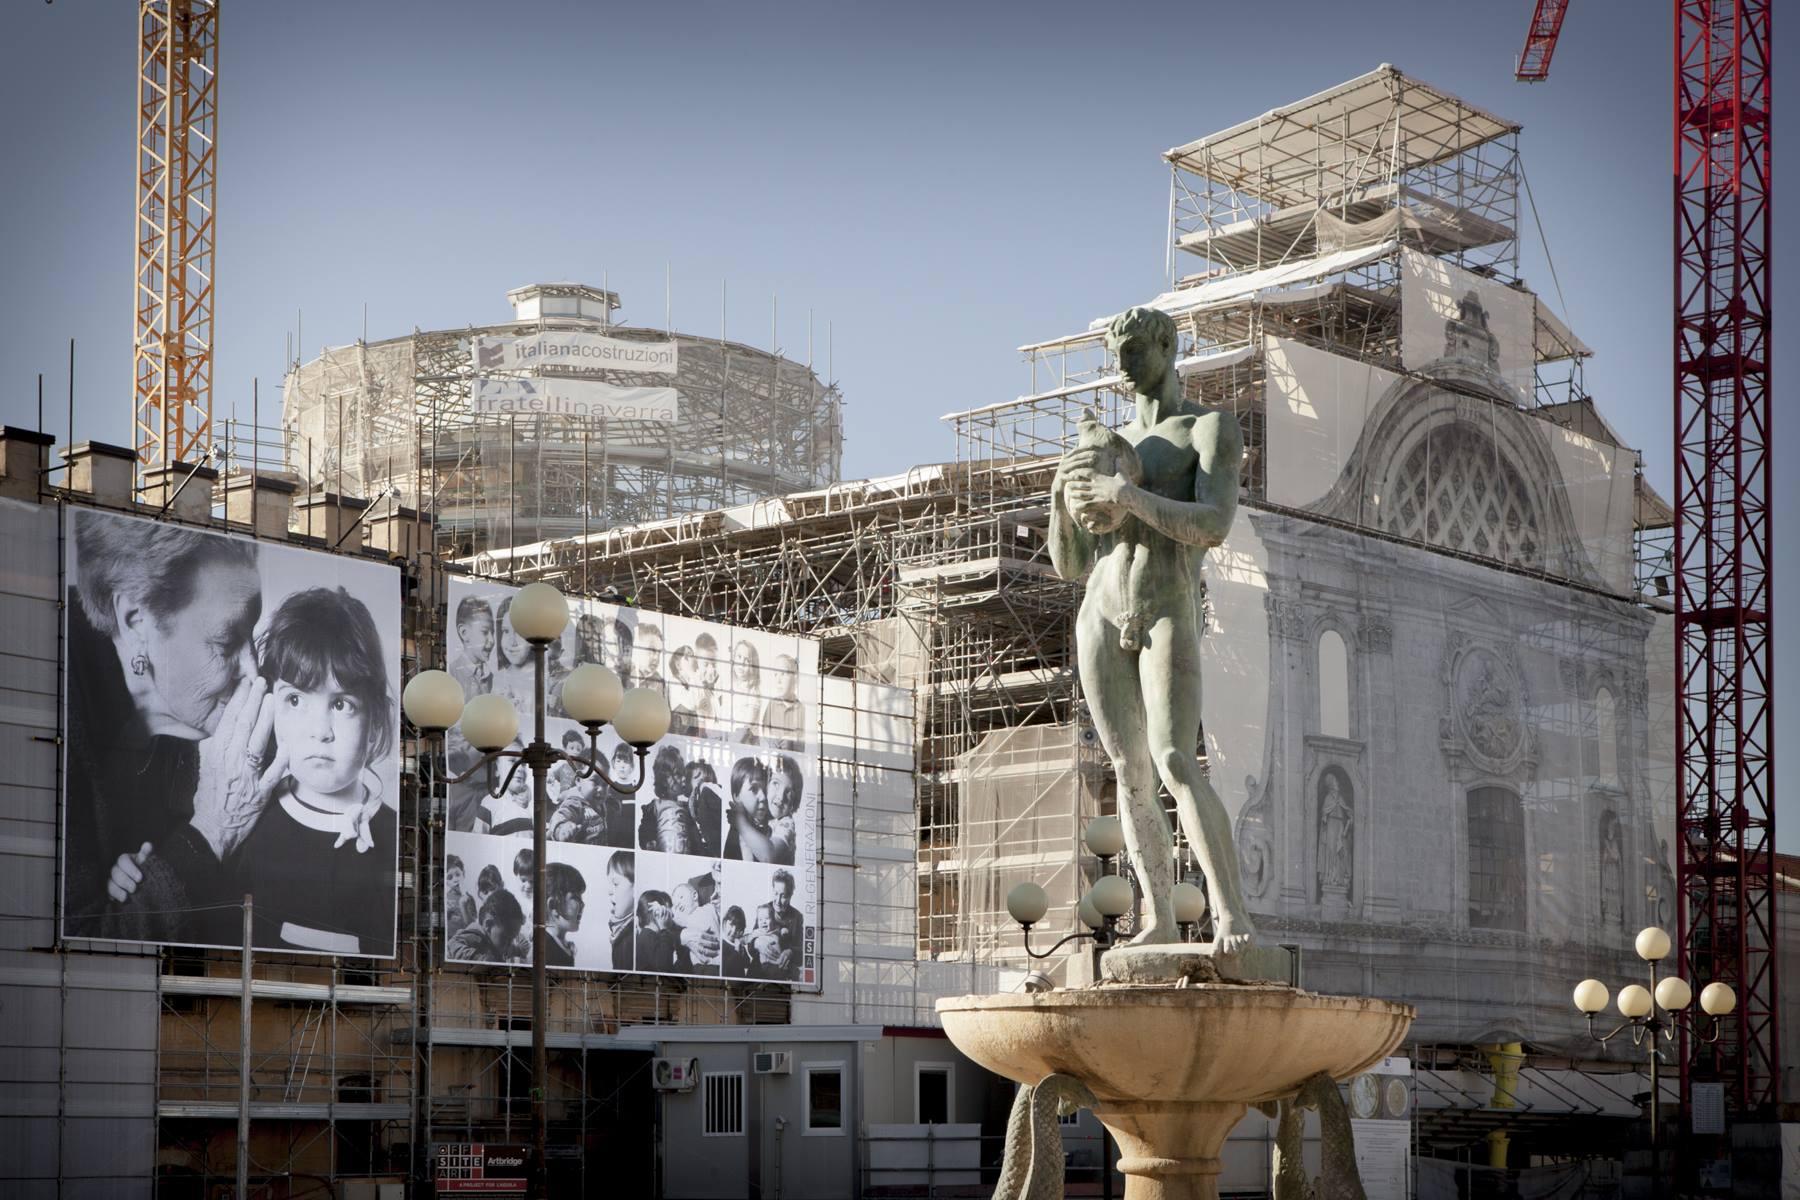 Interrogazione di Melilla sui ponteggi a L'Aquila